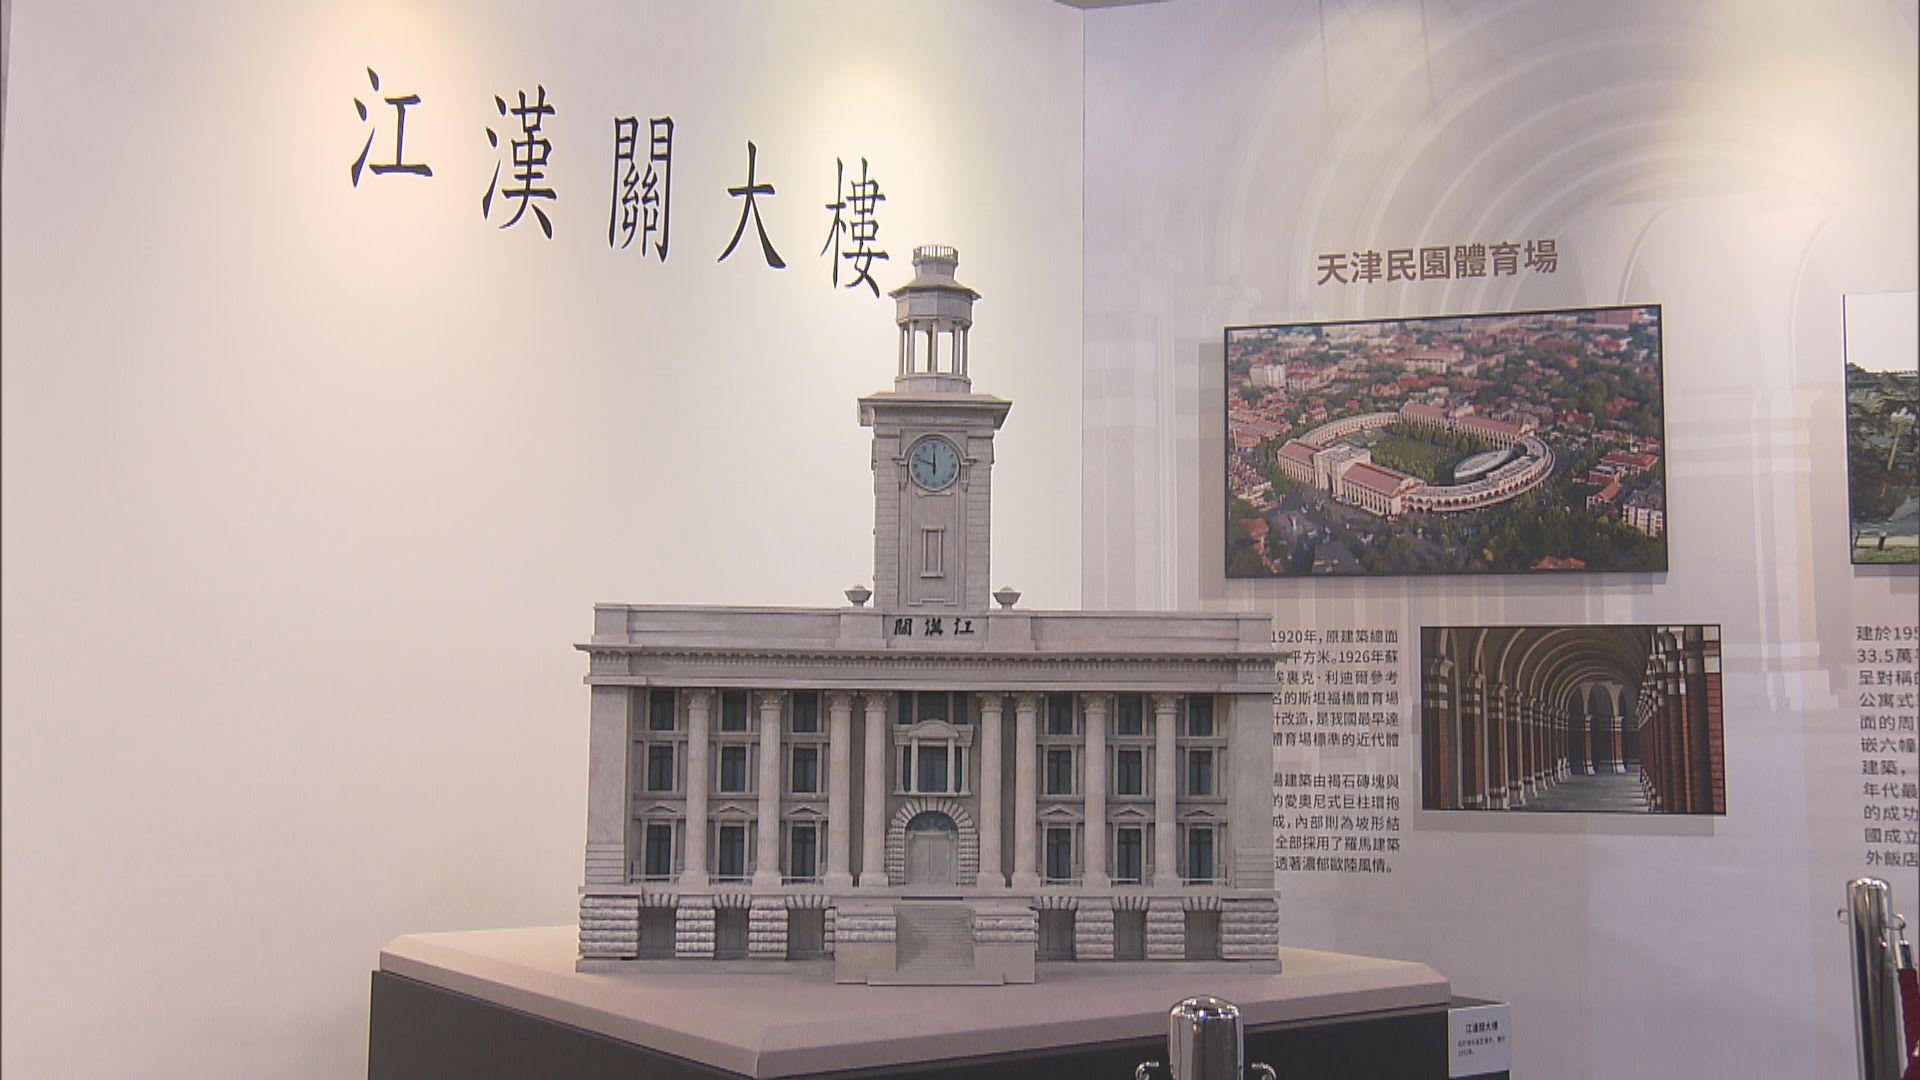 政府聯同中聯辦舉辦建築展 展示古今建築成就